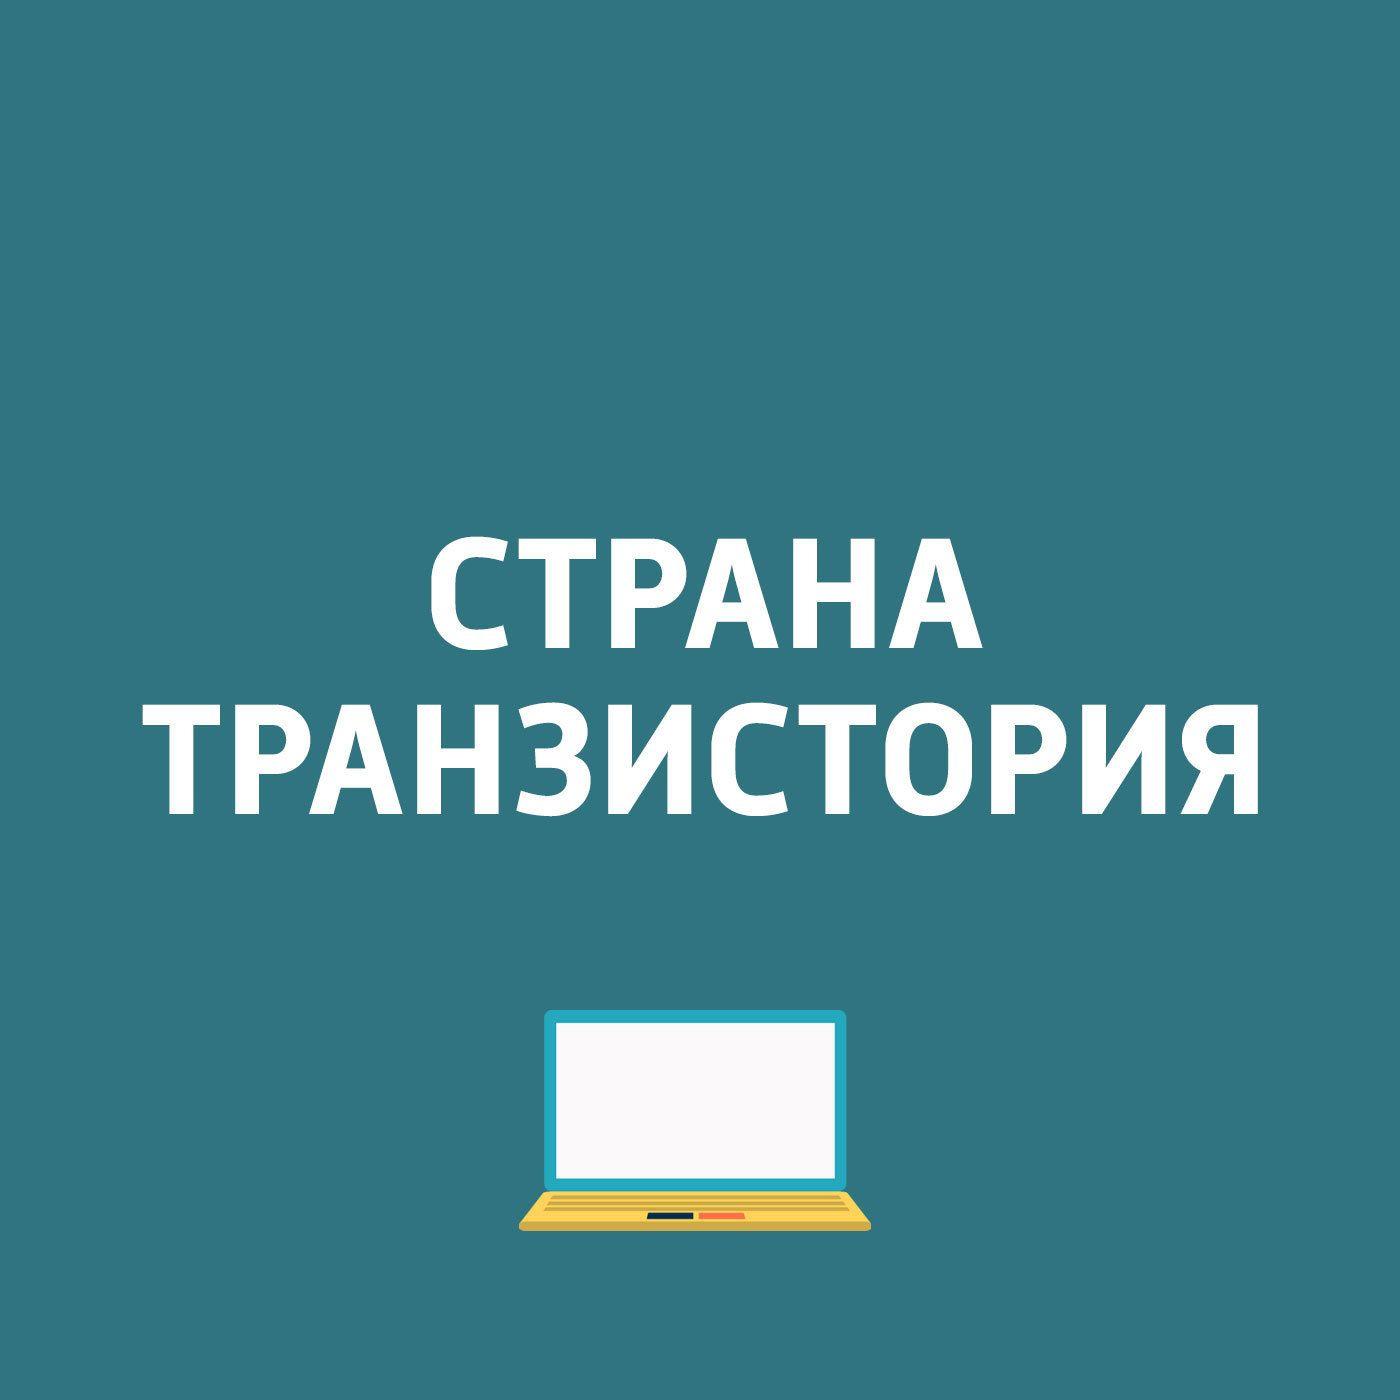 Картаев Павел Выбираем мощный WiFi роутер картаев павел facebook удалит маски индейца и обамы viber зашифровал чаты